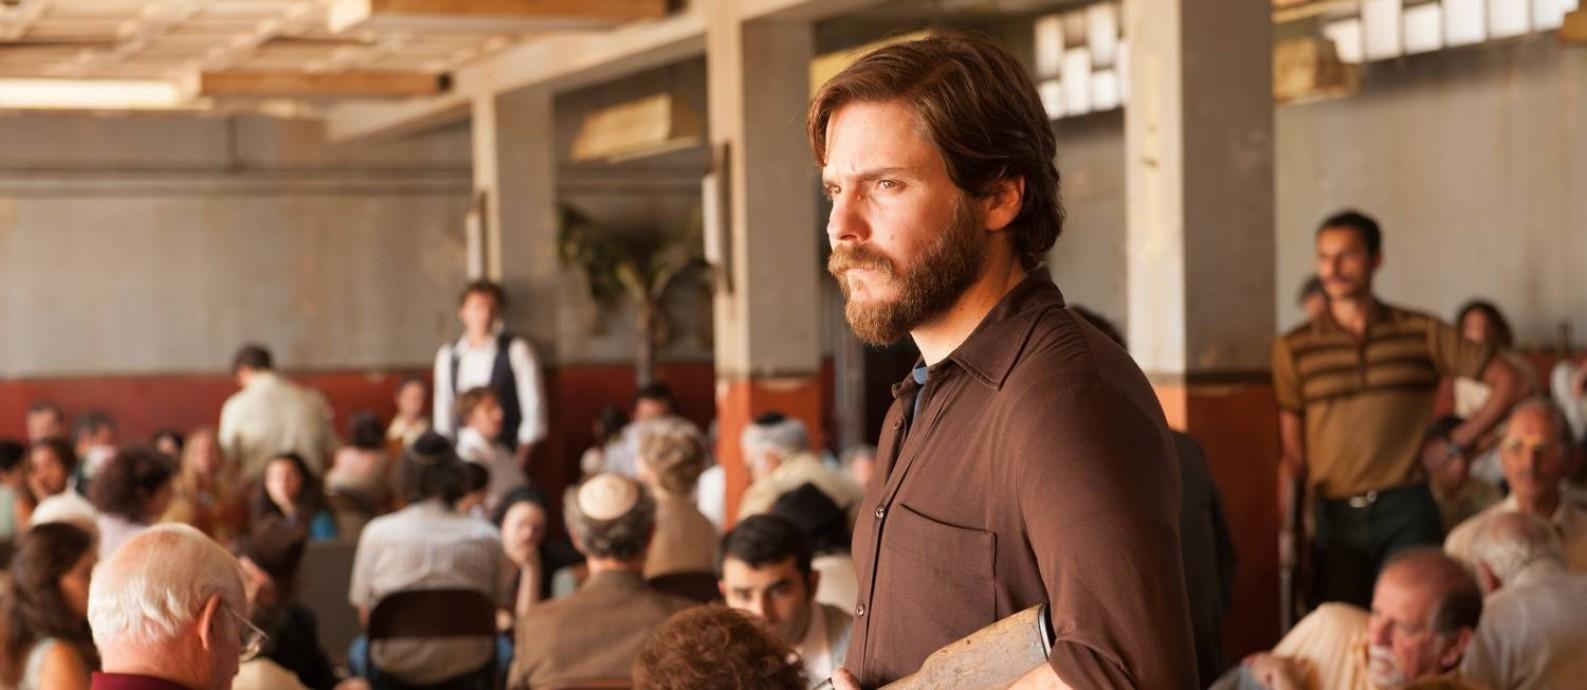 Cena do filme '7 dias em Entebbe' Foto: Liam Daniel / Divulgação